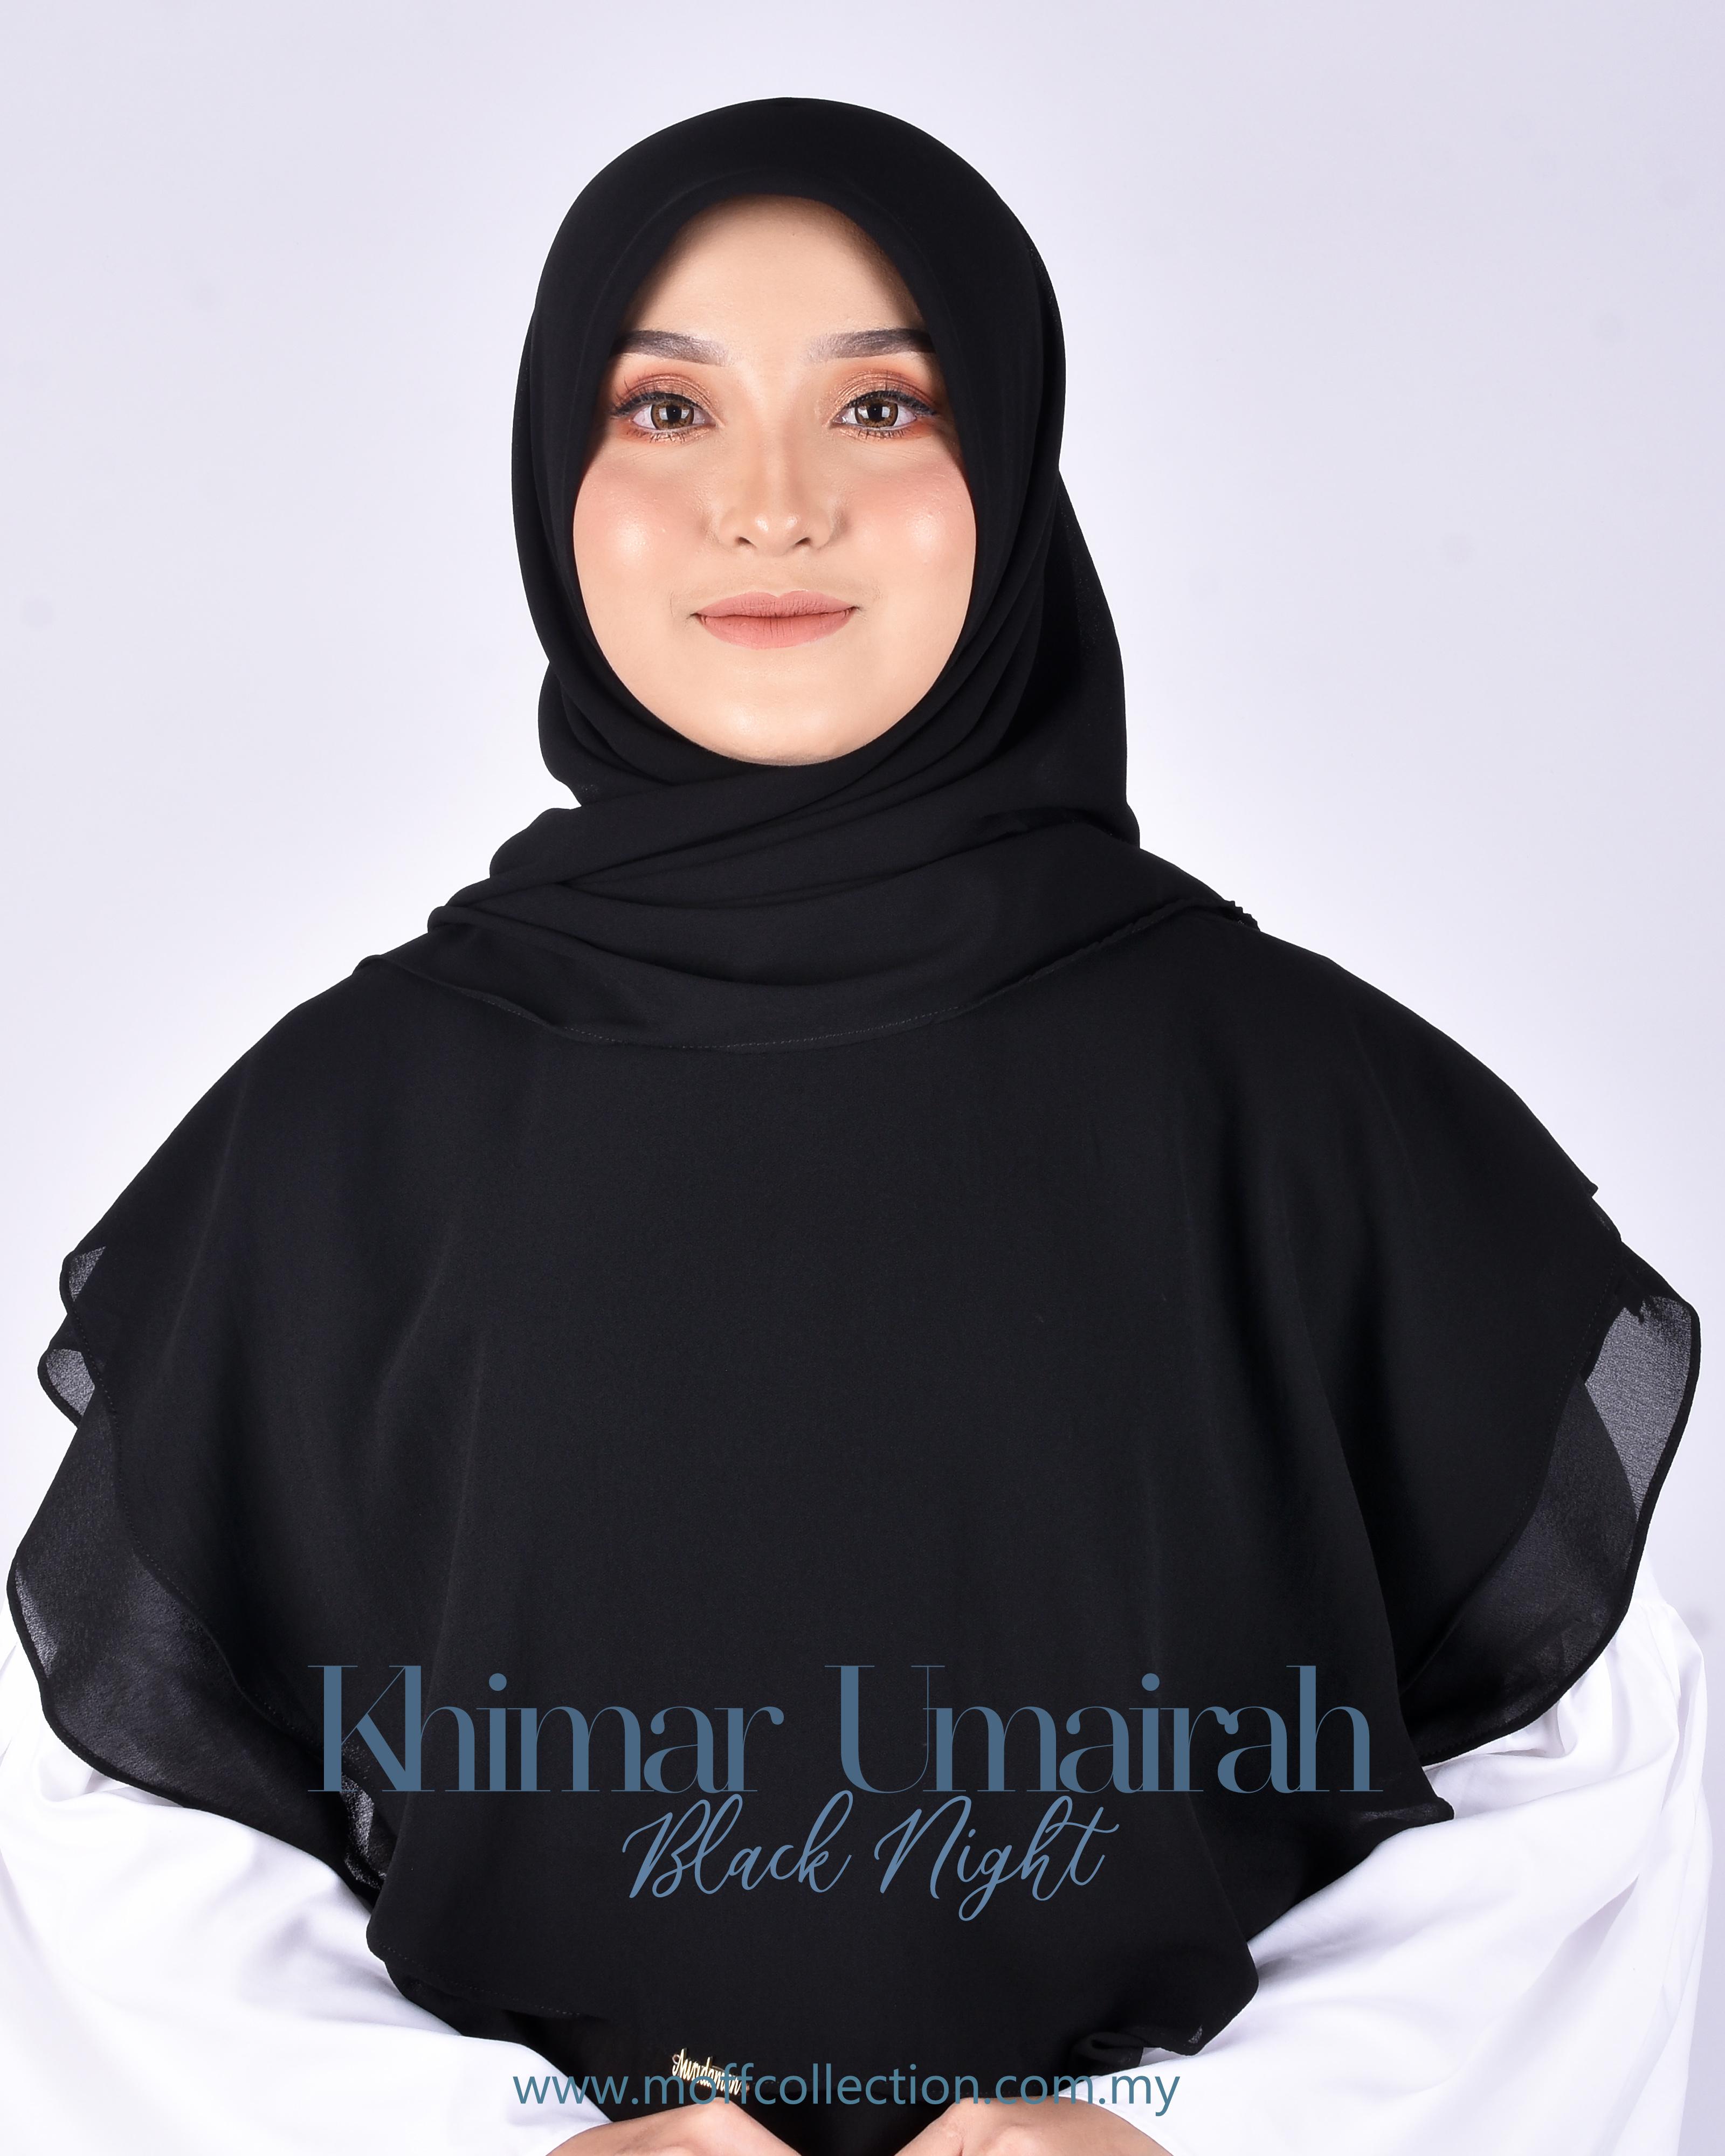 Khimar Umairah In Black Night